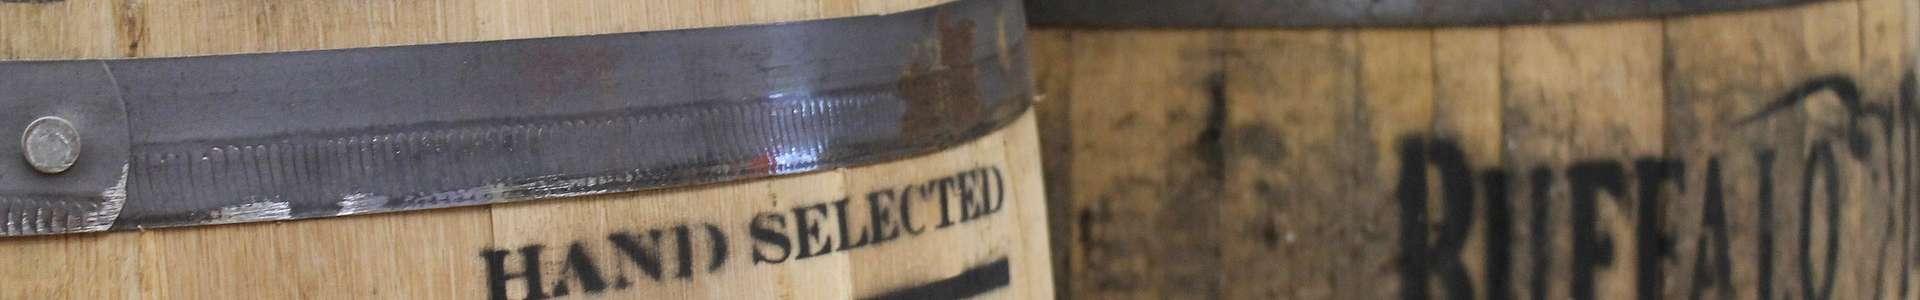 Barrel Aged Coffee